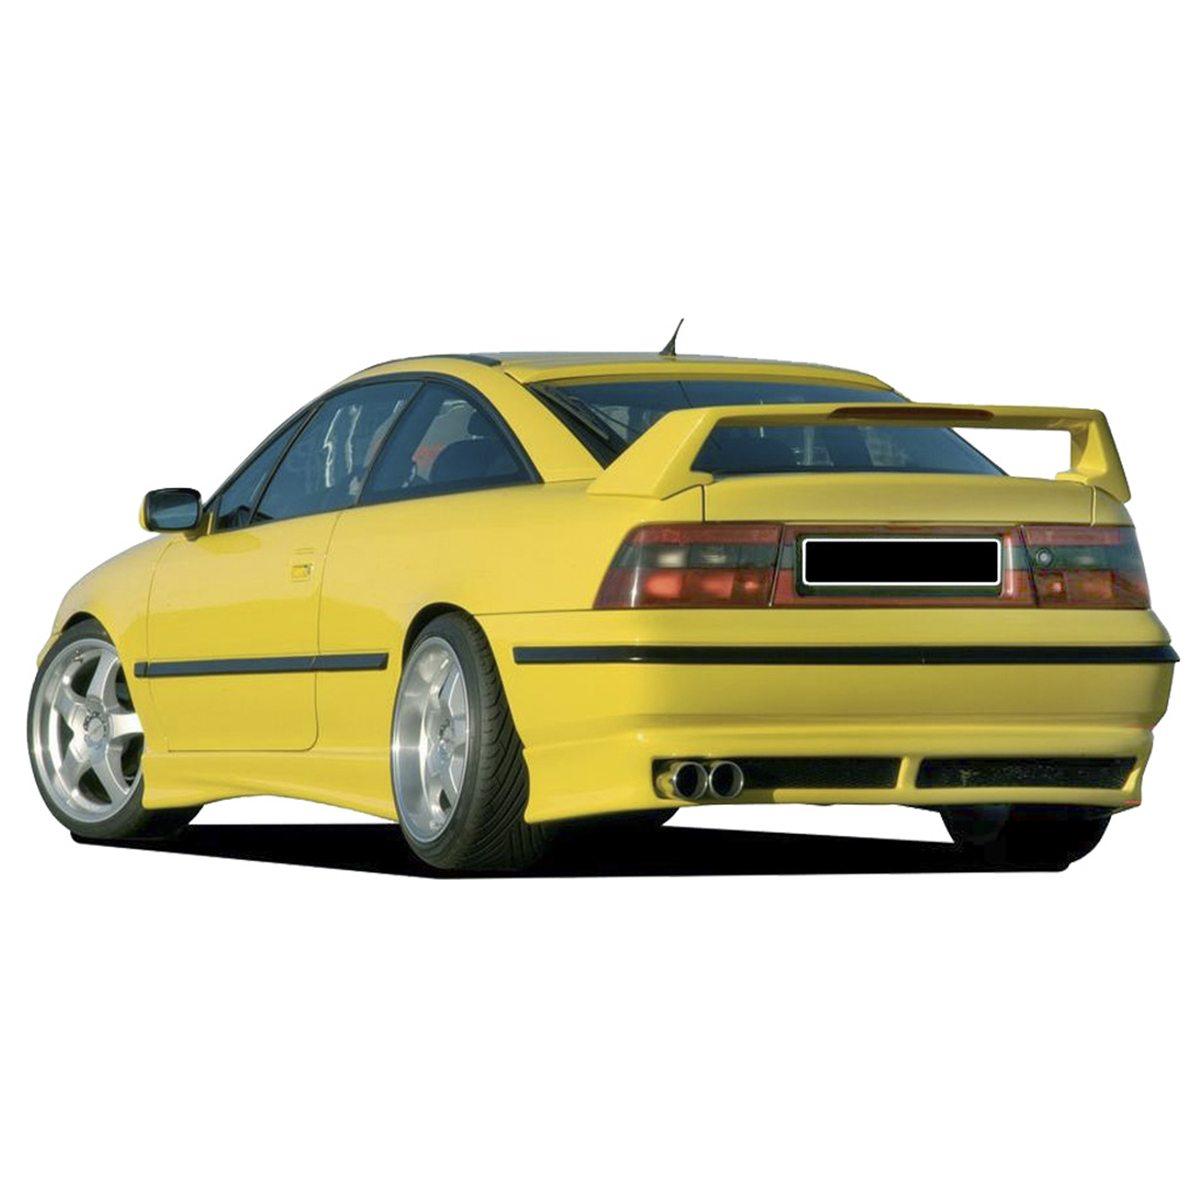 Opel-Calibra-A-Tras-SPU0350